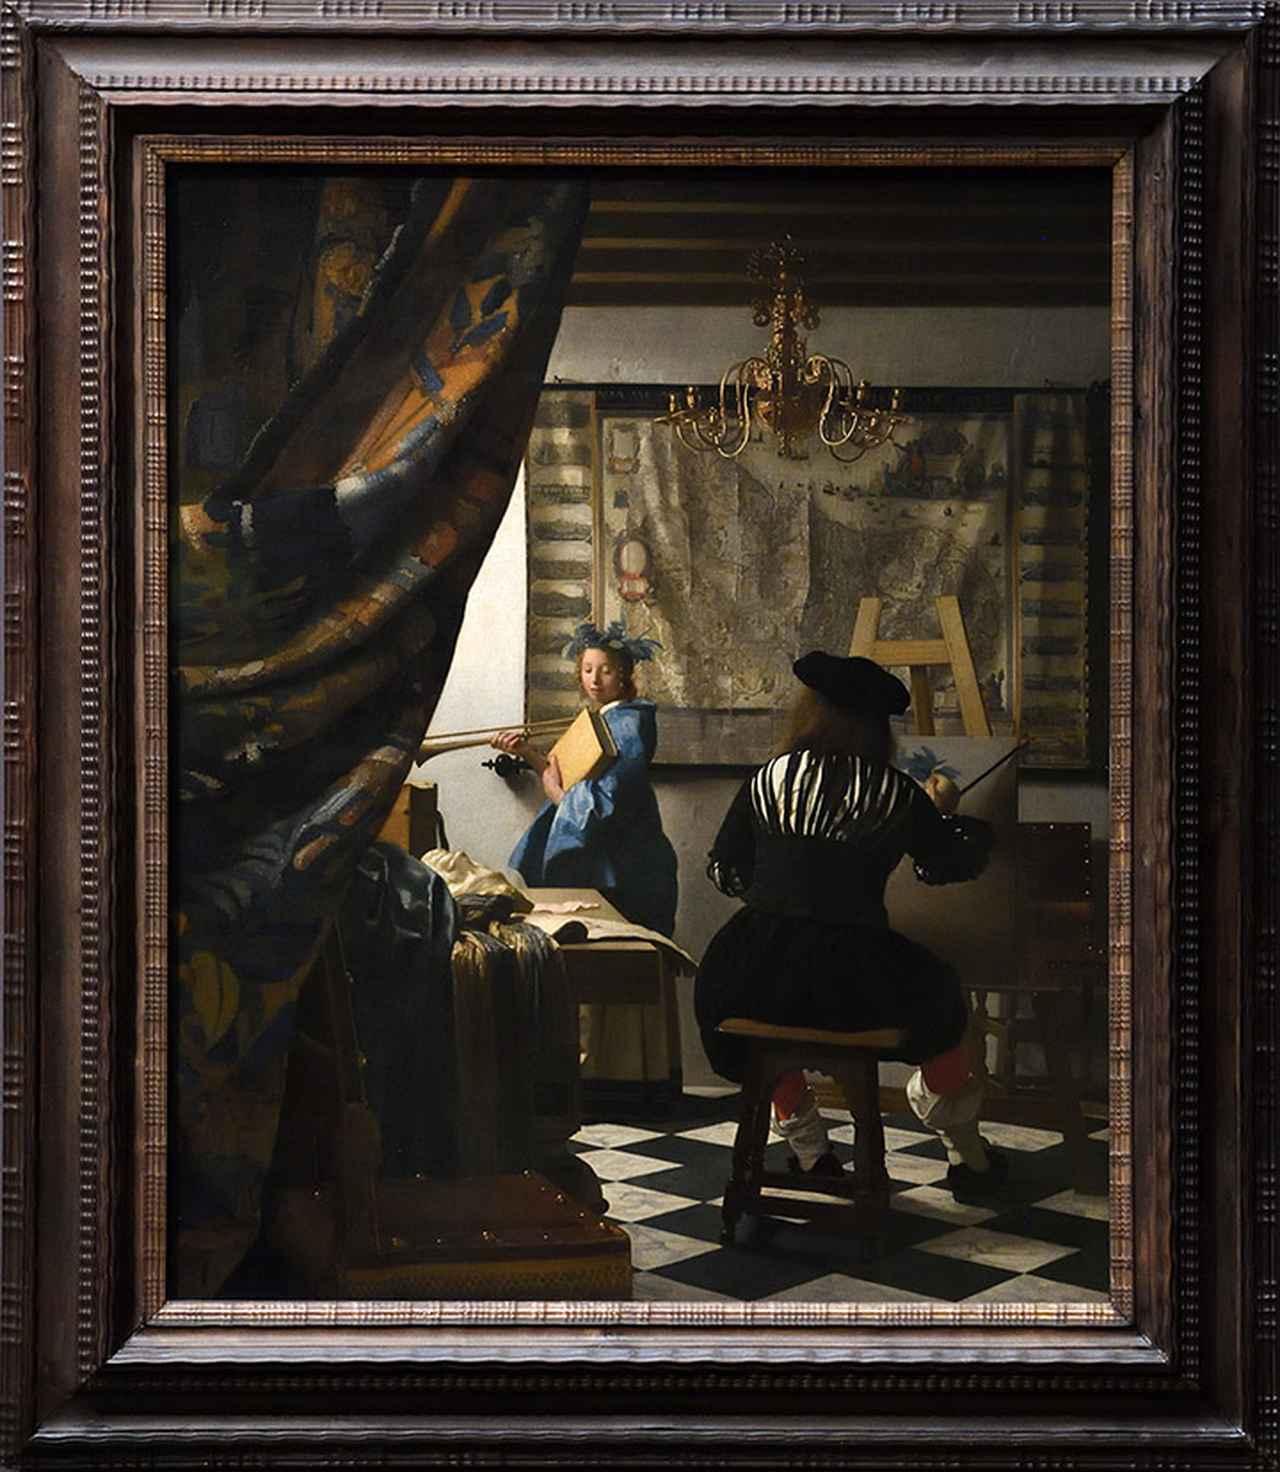 画像: フェルメール作「絵画芸術」 ウィーン美術史美術館蔵